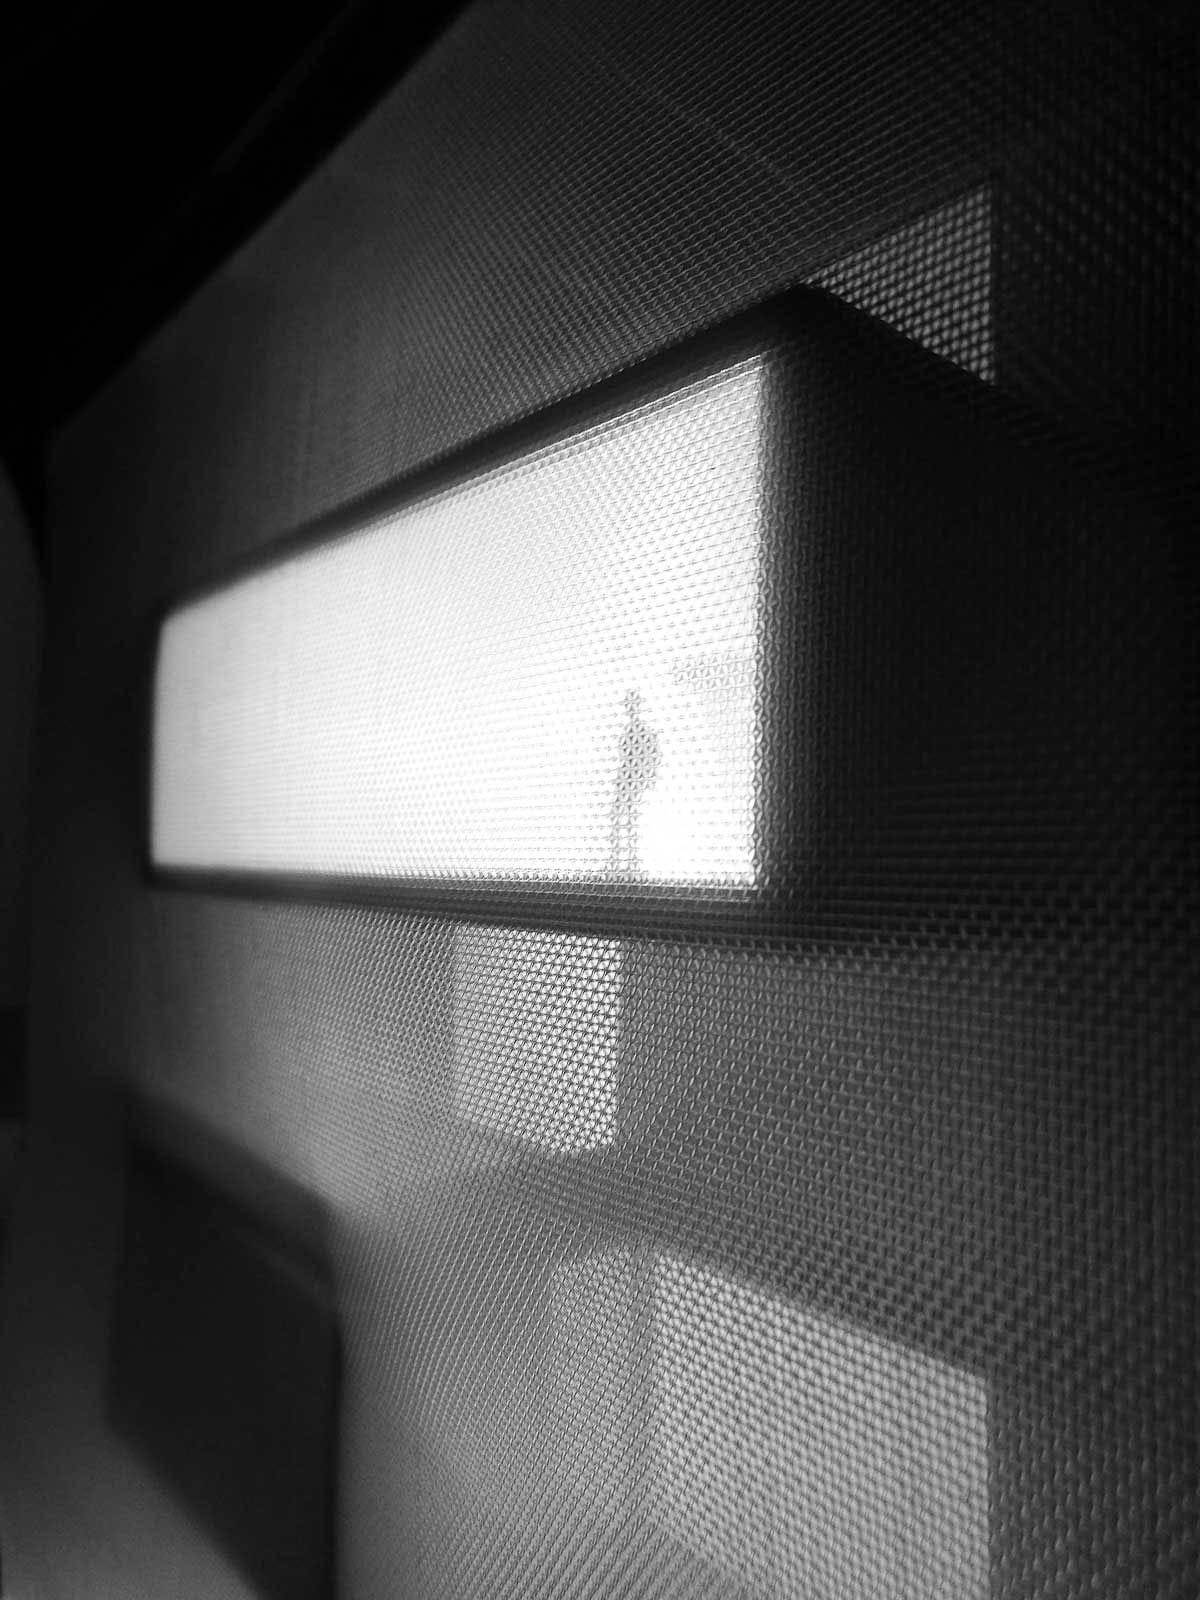 KUBIK Architektur - Studio für Architektur Berlin - architecture - Wettbewerb - Museum - Literaturmuseum Suzhou - Modellfoto